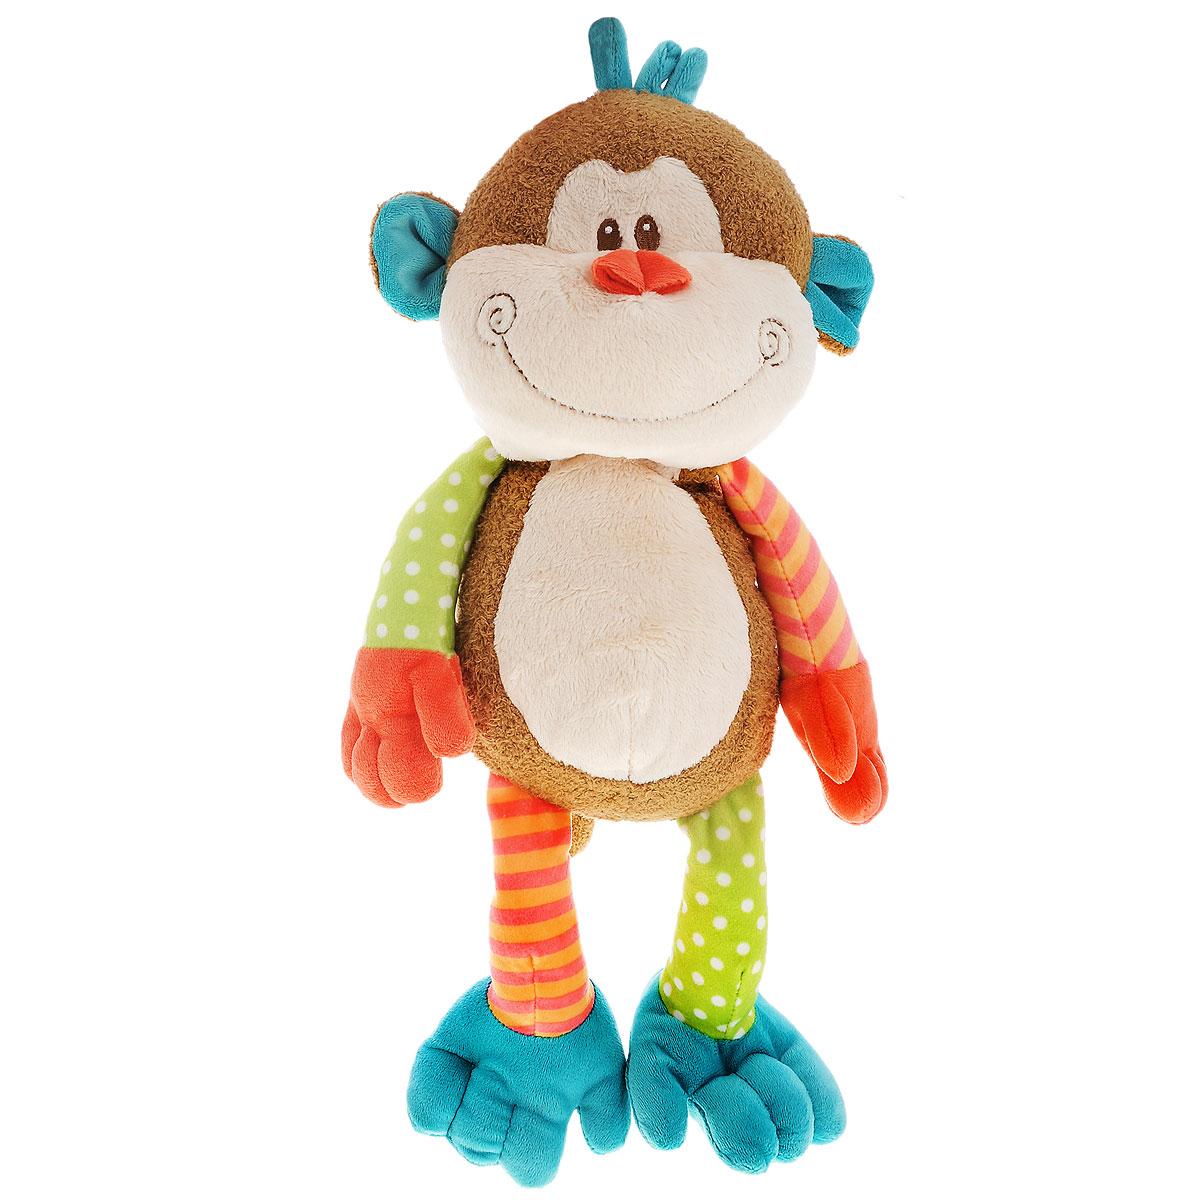 Мягкая игрушка Plush Apple Веселая мартышка, 40 смK34092AЯркая мягкая игрушка Plush Apple Веселая мартышка привлечет внимание любого ребенка. Игрушка изготовлена из безопасных, приятных на ощупь текстильных материалов в виде обезьянки с веселой улыбкой на мордочке. Пластиковые гранулы, используемые при набивке игрушки, способствуют развитию мелкой моторики рук ребенка. Удивительно мягкая игрушка принесет радость и подарит своему обладателю мгновения нежных объятий и приятных воспоминаний.